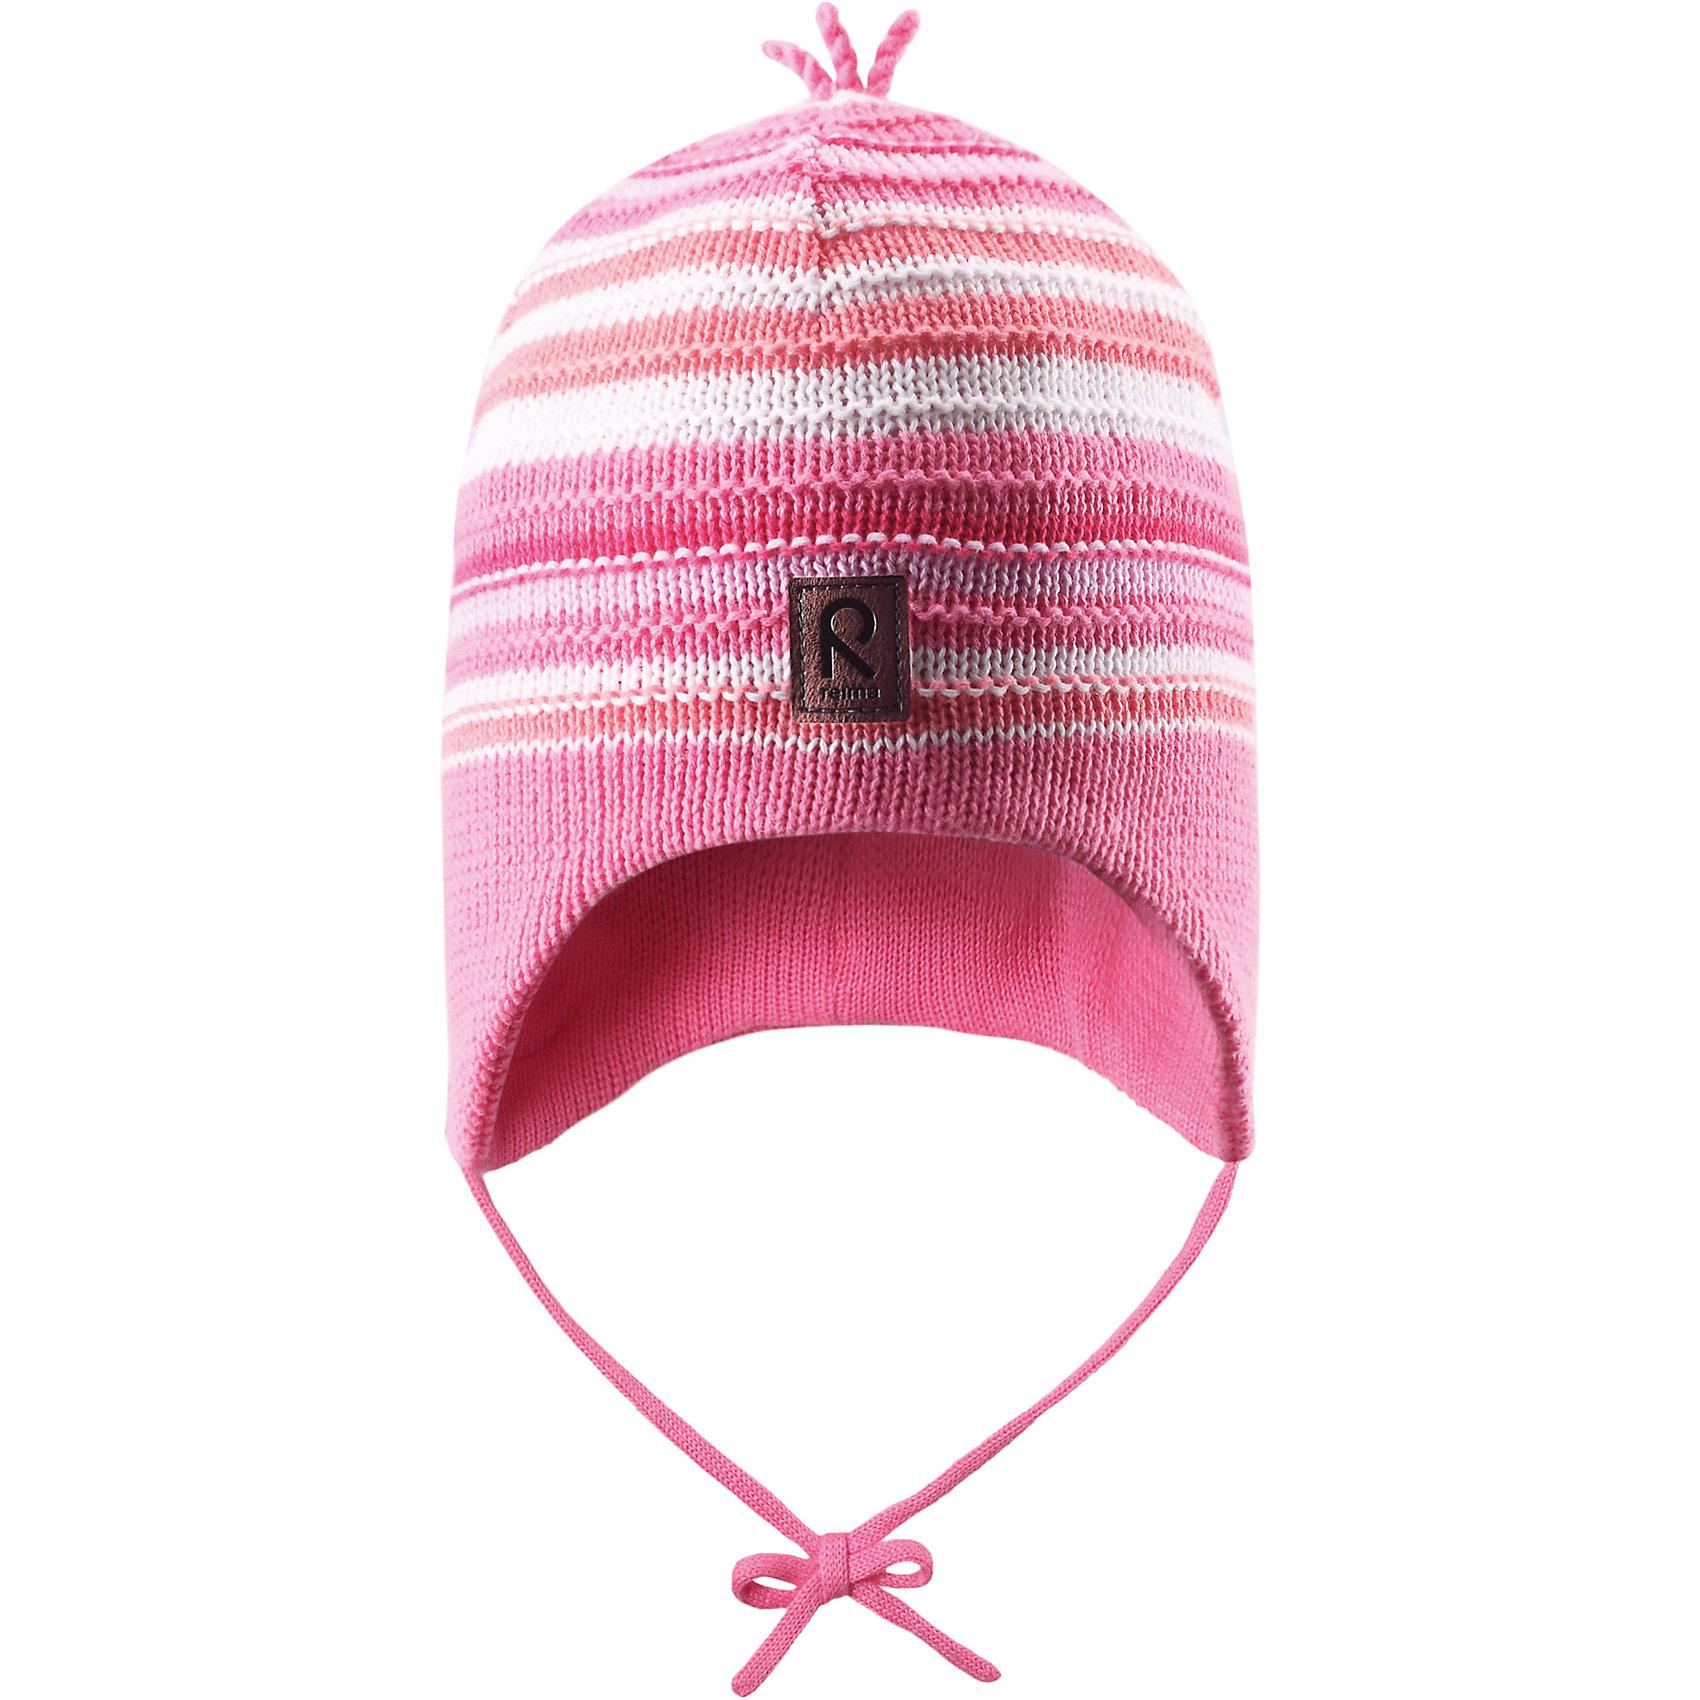 Шапка для девочки ReimaШапки и шарфы<br>Весне мы дарим свежесть красок! Эта веселая полосатая шапочка для малышей — идеальный выбор для теплых весенних деньков. Она изготовлена из мягкого вязаного хлопка и имеет ветронепроницаемые вставки, которые обеспечат ушкам надежную защиту. <br><br>Дополнительная информация:<br><br>Шапка «Бини» для малышей<br>Эластичная хлопчатобумажная ткань<br>Ветронепроницаемые вставки в области ушей<br>Частичная подкладка: хлопчатобумажная ткань<br>Логотип Reima® спереди<br>Состав:<br>100% хлопок<br>Уход:<br>Стирать по отдельности, вывернув наизнанку. Придать первоначальную форму вo влажном виде. Возможна усадка 5 %.<br><br>Ширина мм: 89<br>Глубина мм: 117<br>Высота мм: 44<br>Вес г: 155<br>Цвет: розовый<br>Возраст от месяцев: 9<br>Возраст до месяцев: 12<br>Пол: Женский<br>Возраст: Детский<br>Размер: 46,48,52,50<br>SKU: 4498055